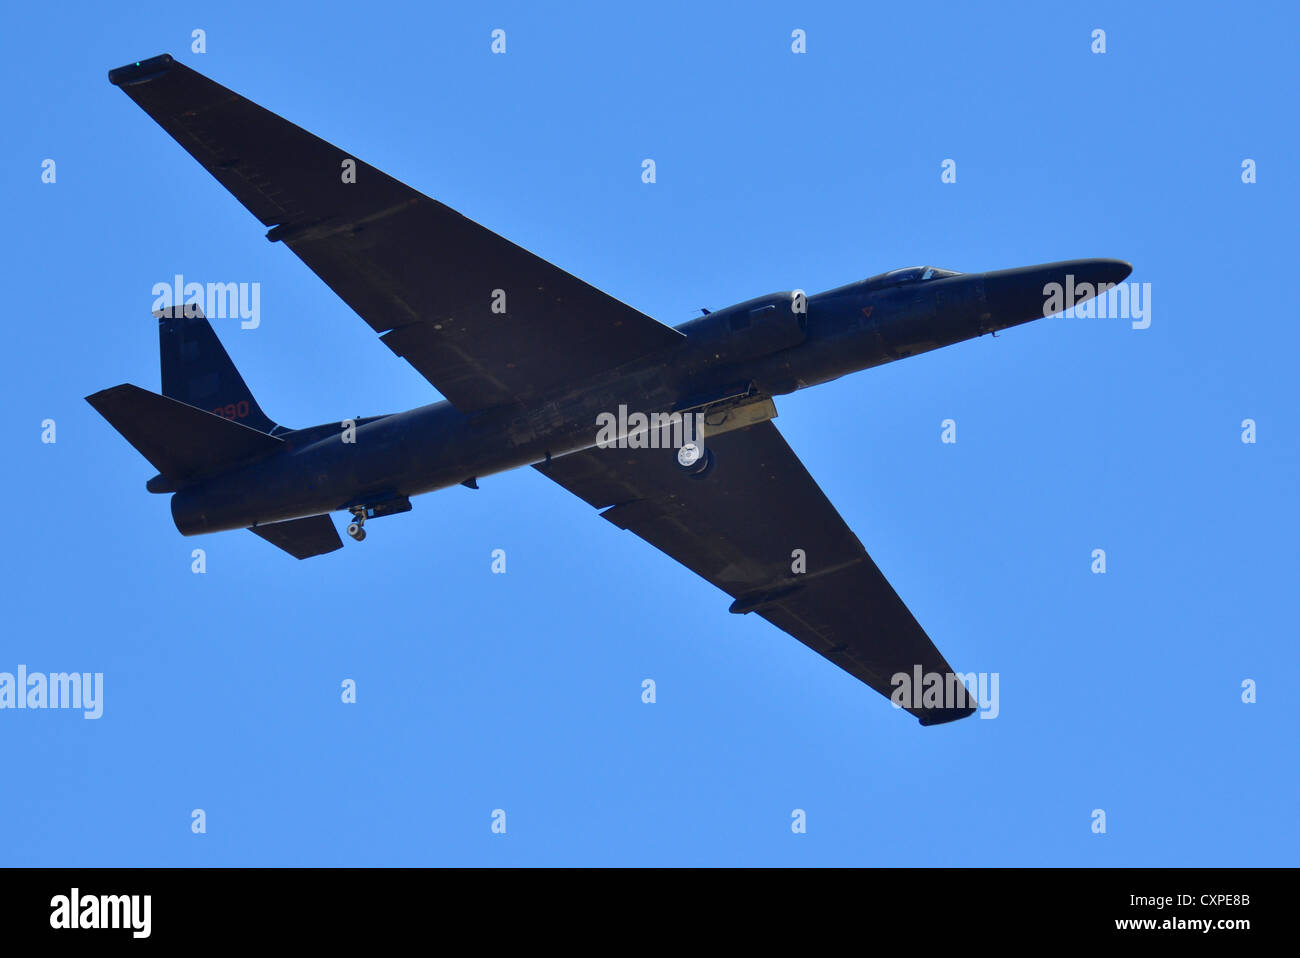 Fuerza Aérea estadounidense U-2 Dragon Lady, aviones de reconocimiento y vigilancia de inteligencia desde la Imagen De Stock